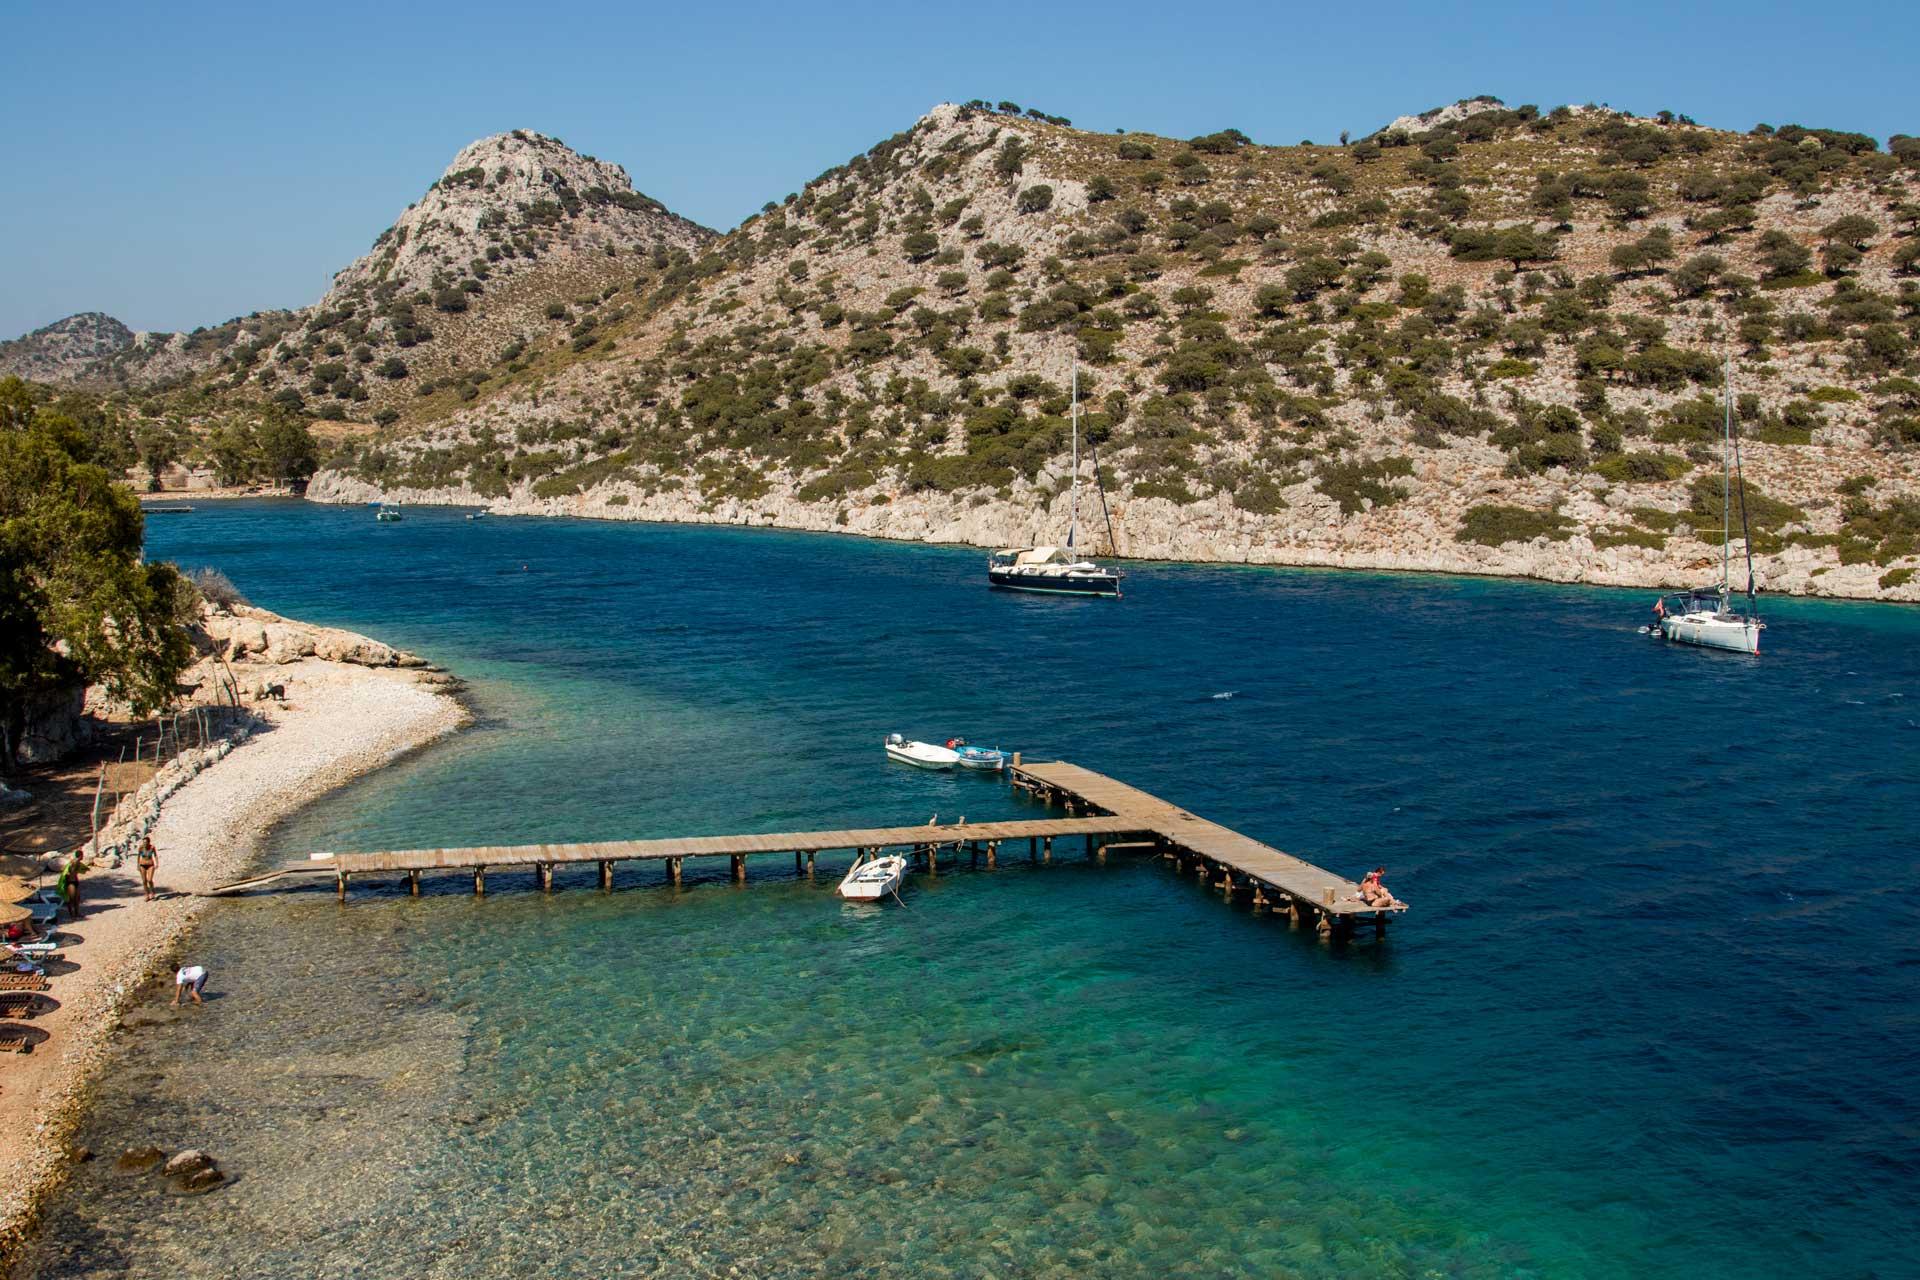 Serçe Limanı Fotoğrafları Taşlıca Marmaris Muğla Türkiye Çekergezer Hakan Aydın Gezgin Fotoğrafçı